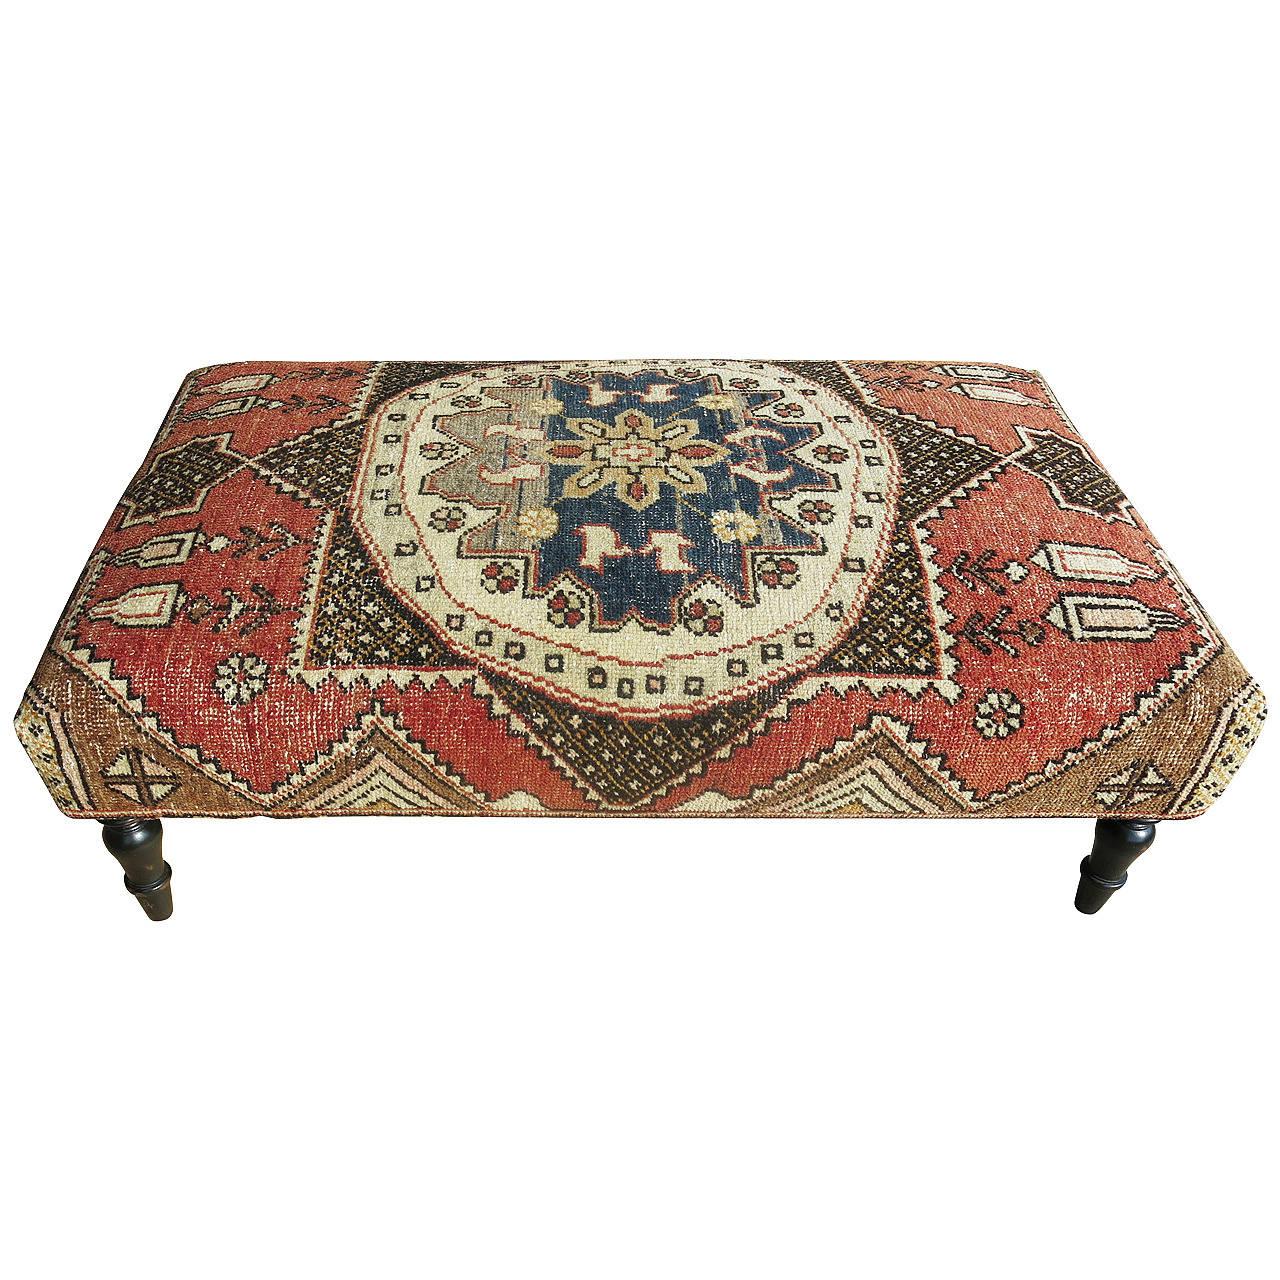 Genial Turkish Rug Ottoman For Sale